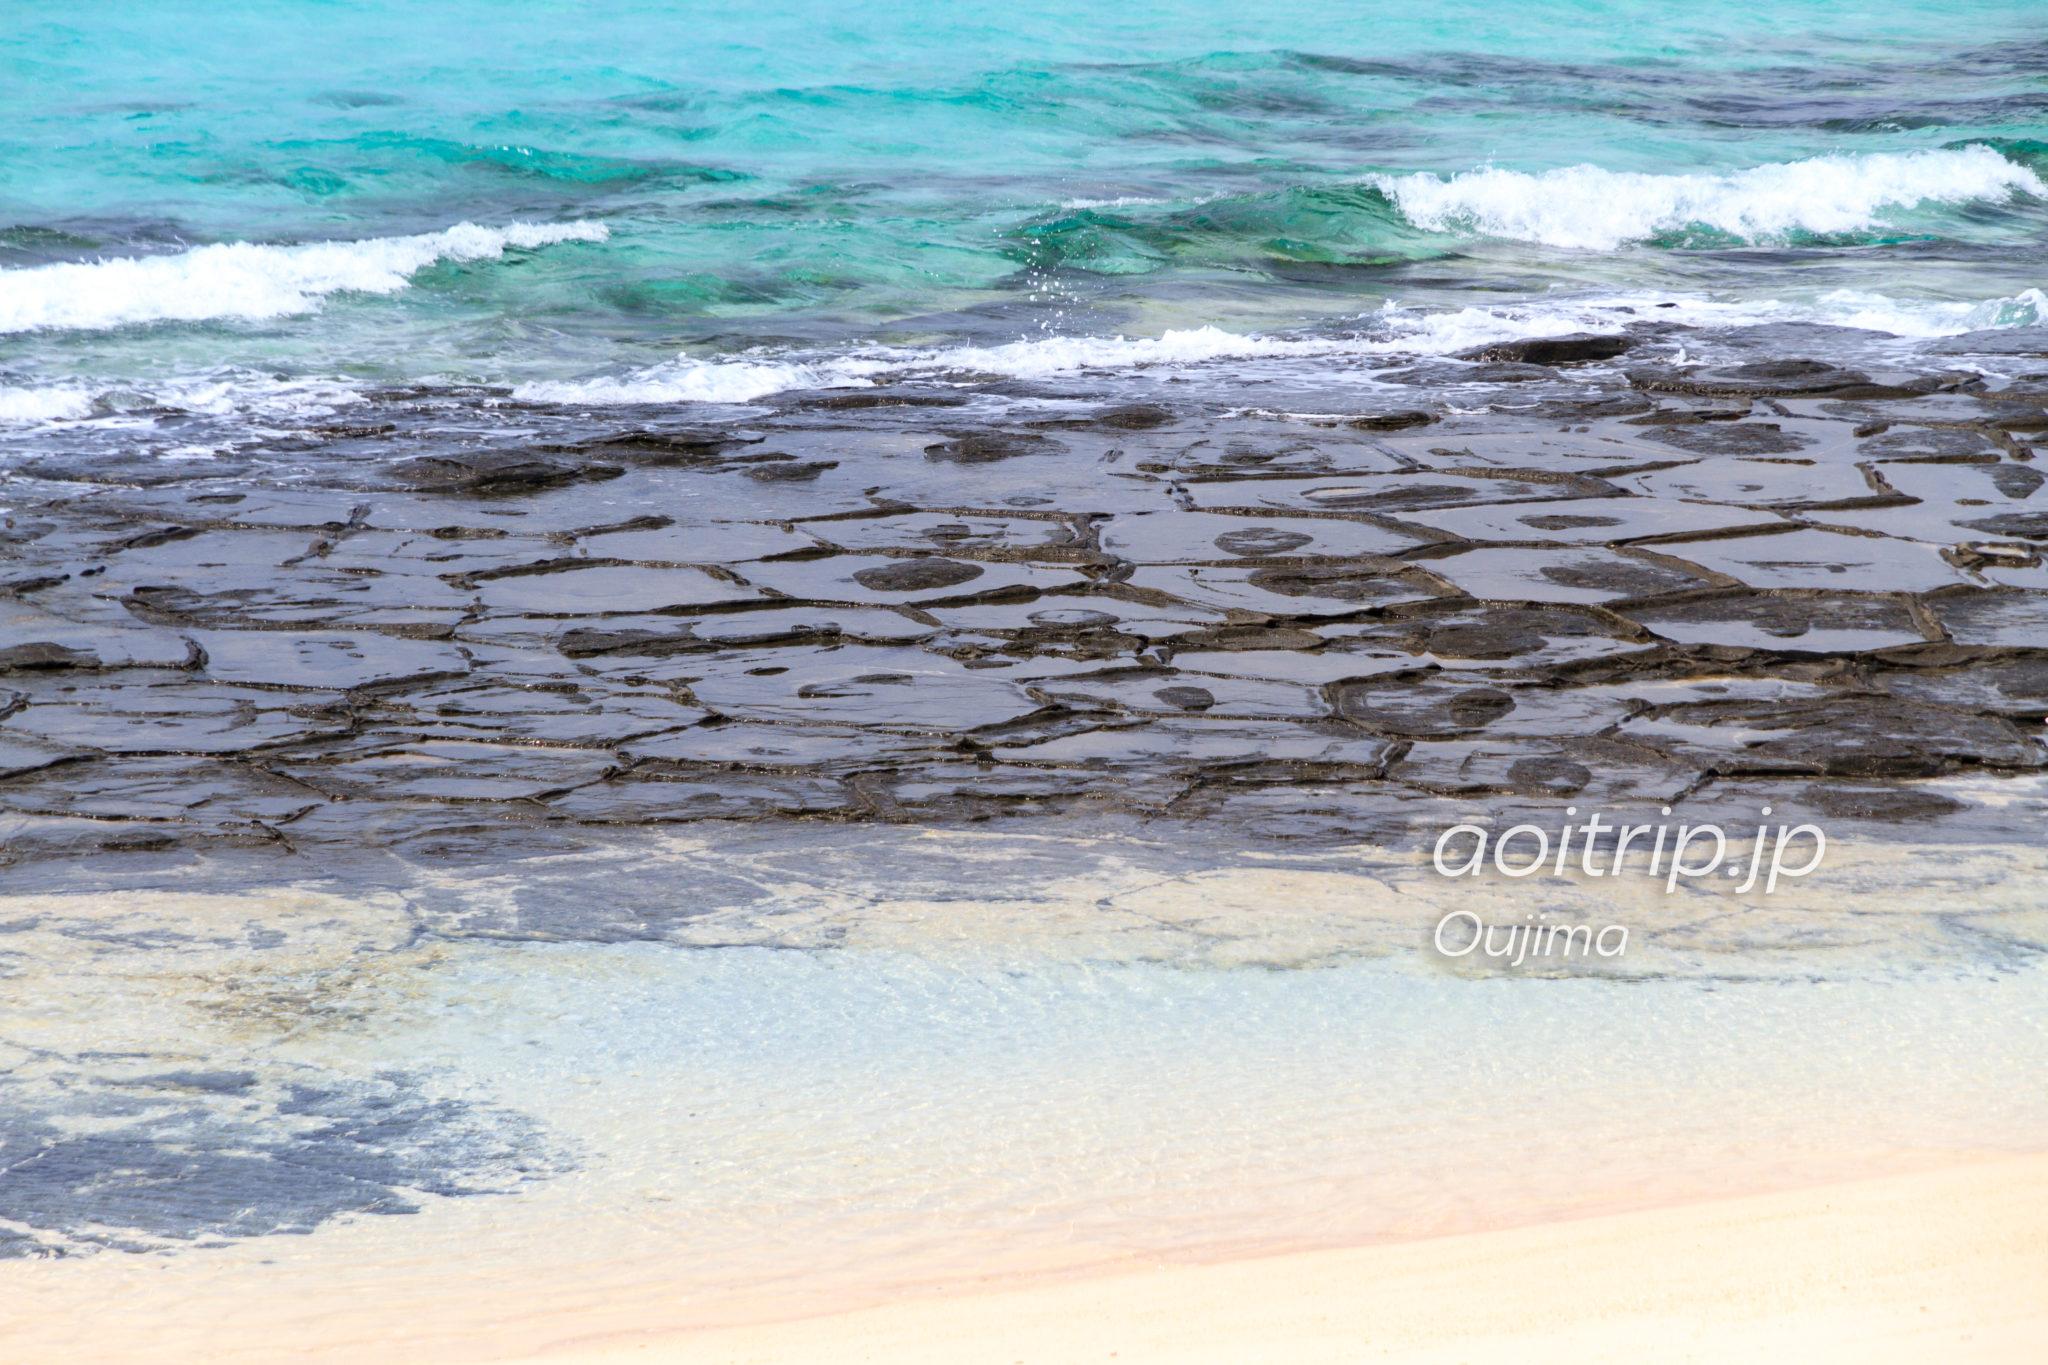 奥武島の畳石 まるで亀の甲羅? ...